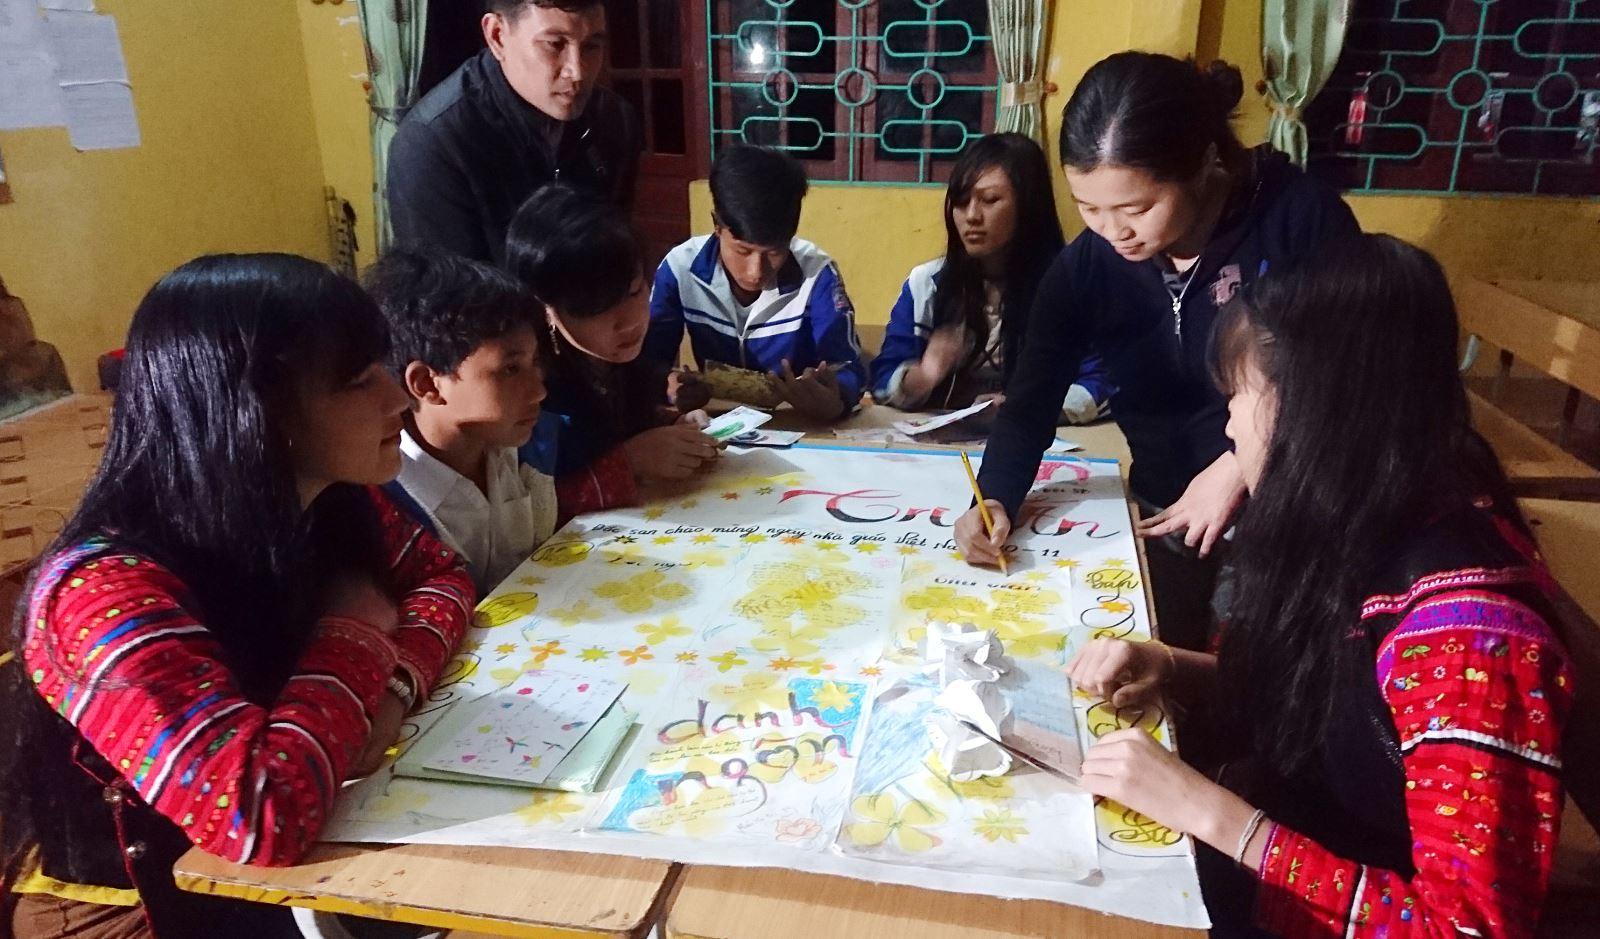 Gieo chữ ở vùng cao Tây Bắc - Bài cuối: Nâng cao chất lượng giáo dục vùng cao